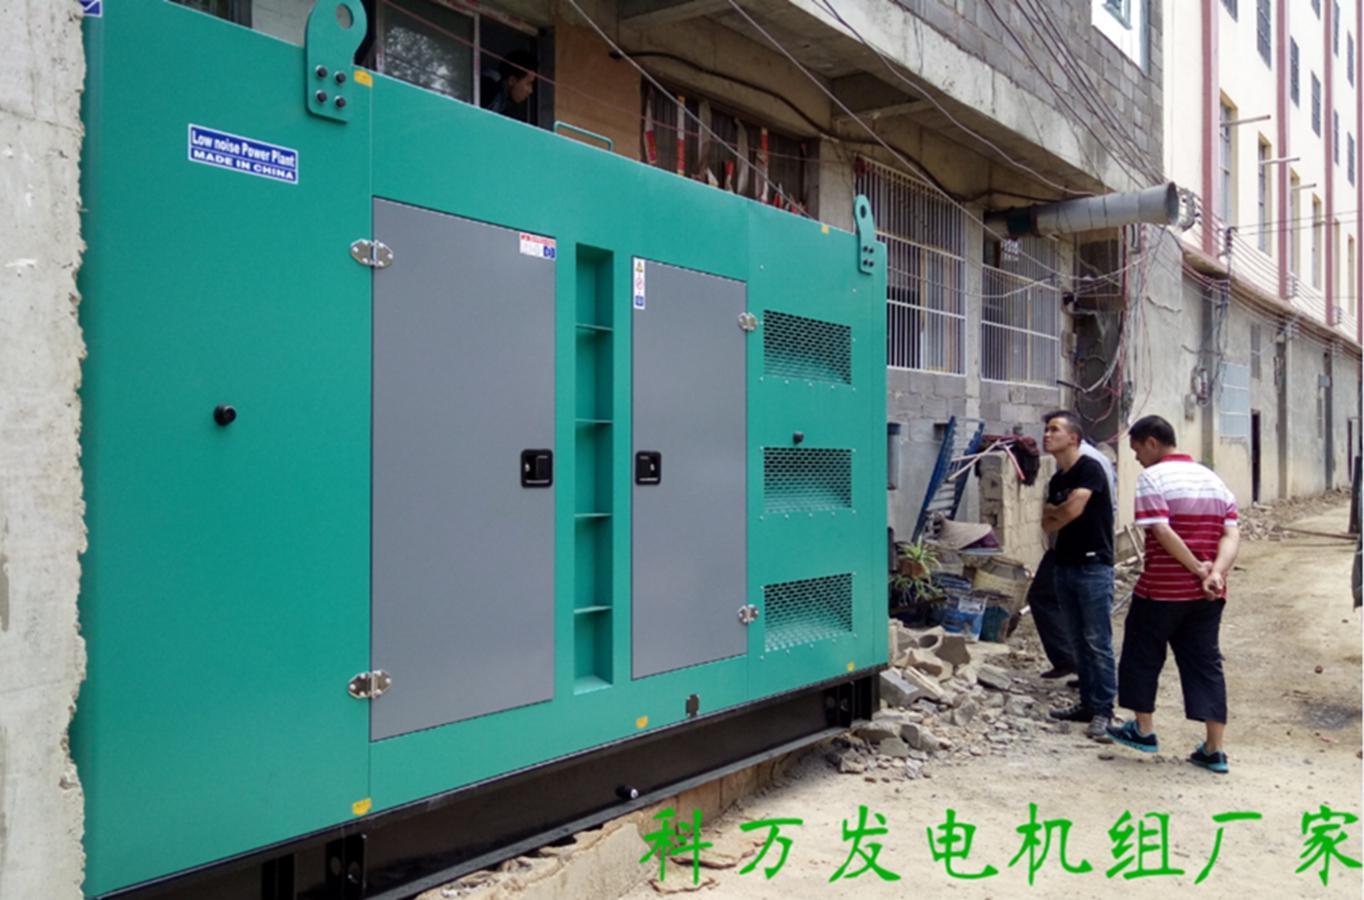 貴州精神康複醫院采購高端靜音發電機組